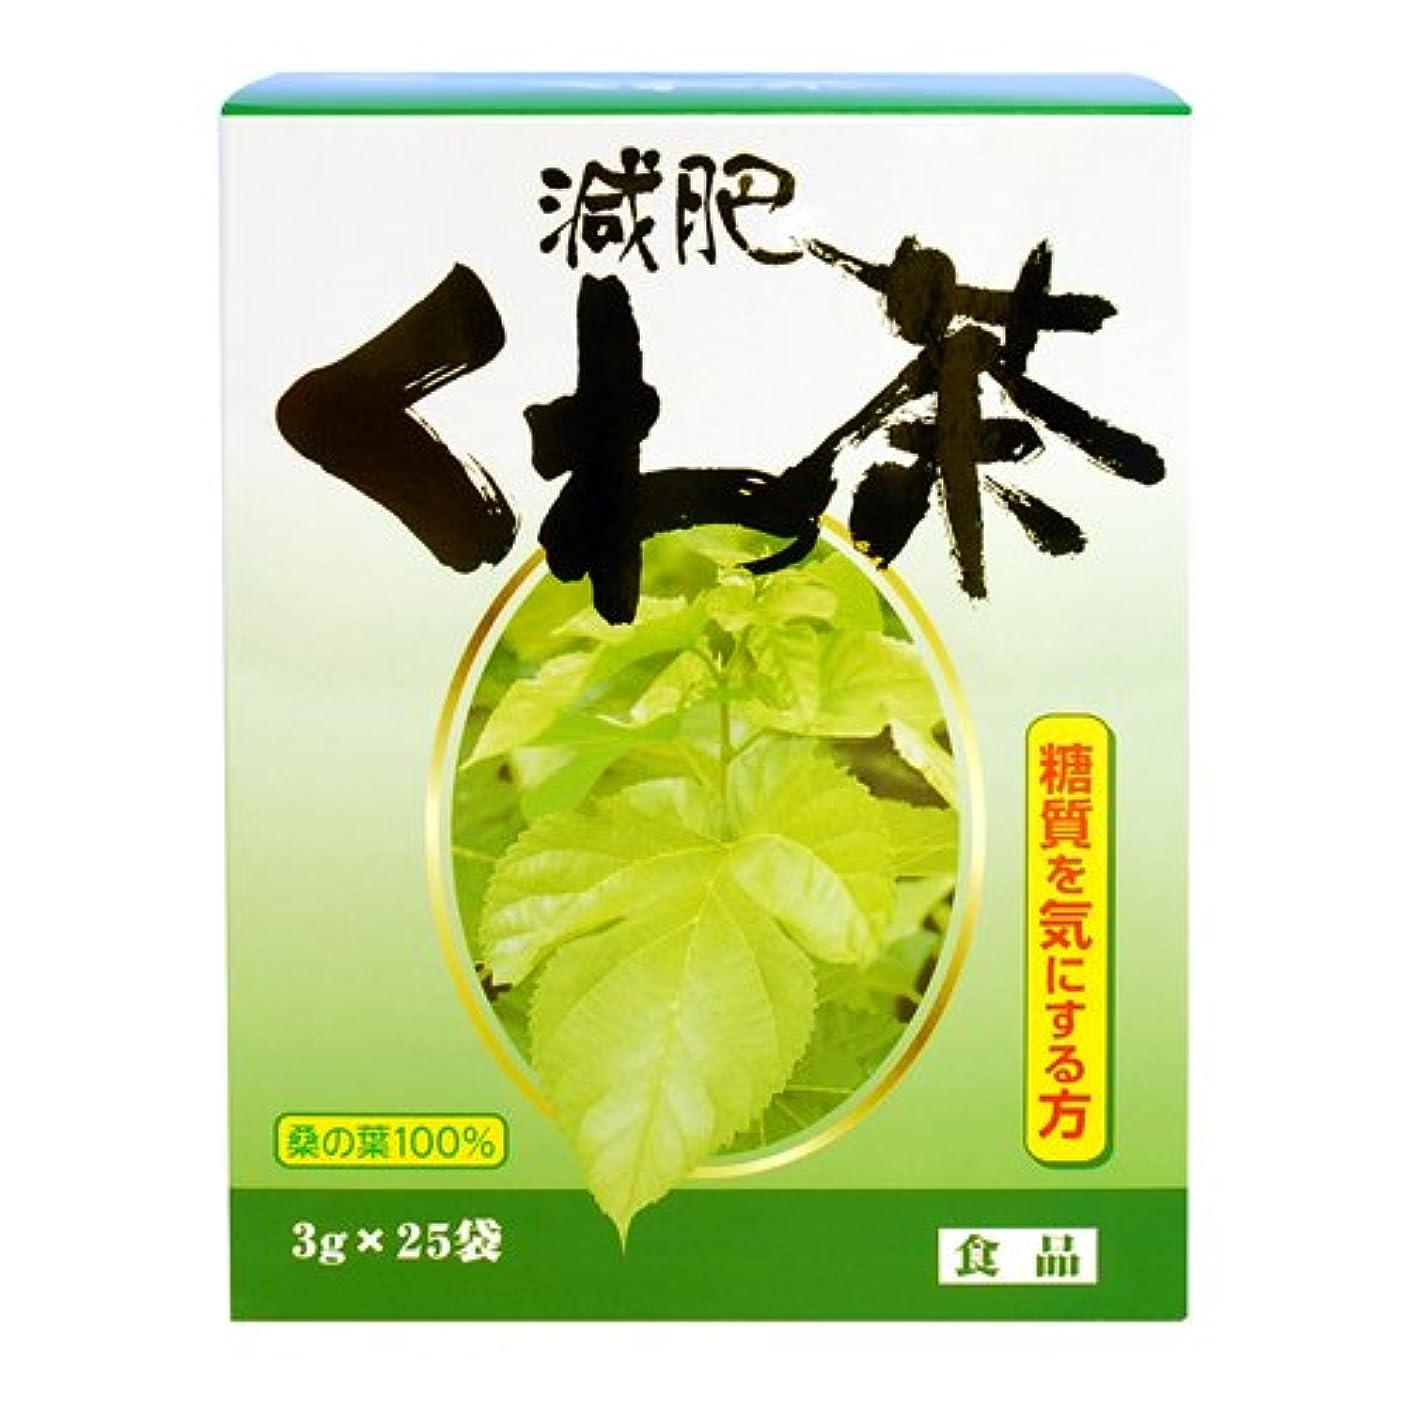 シャックル想像力エキゾチックリケン 減肥くわ茶 3g×25包